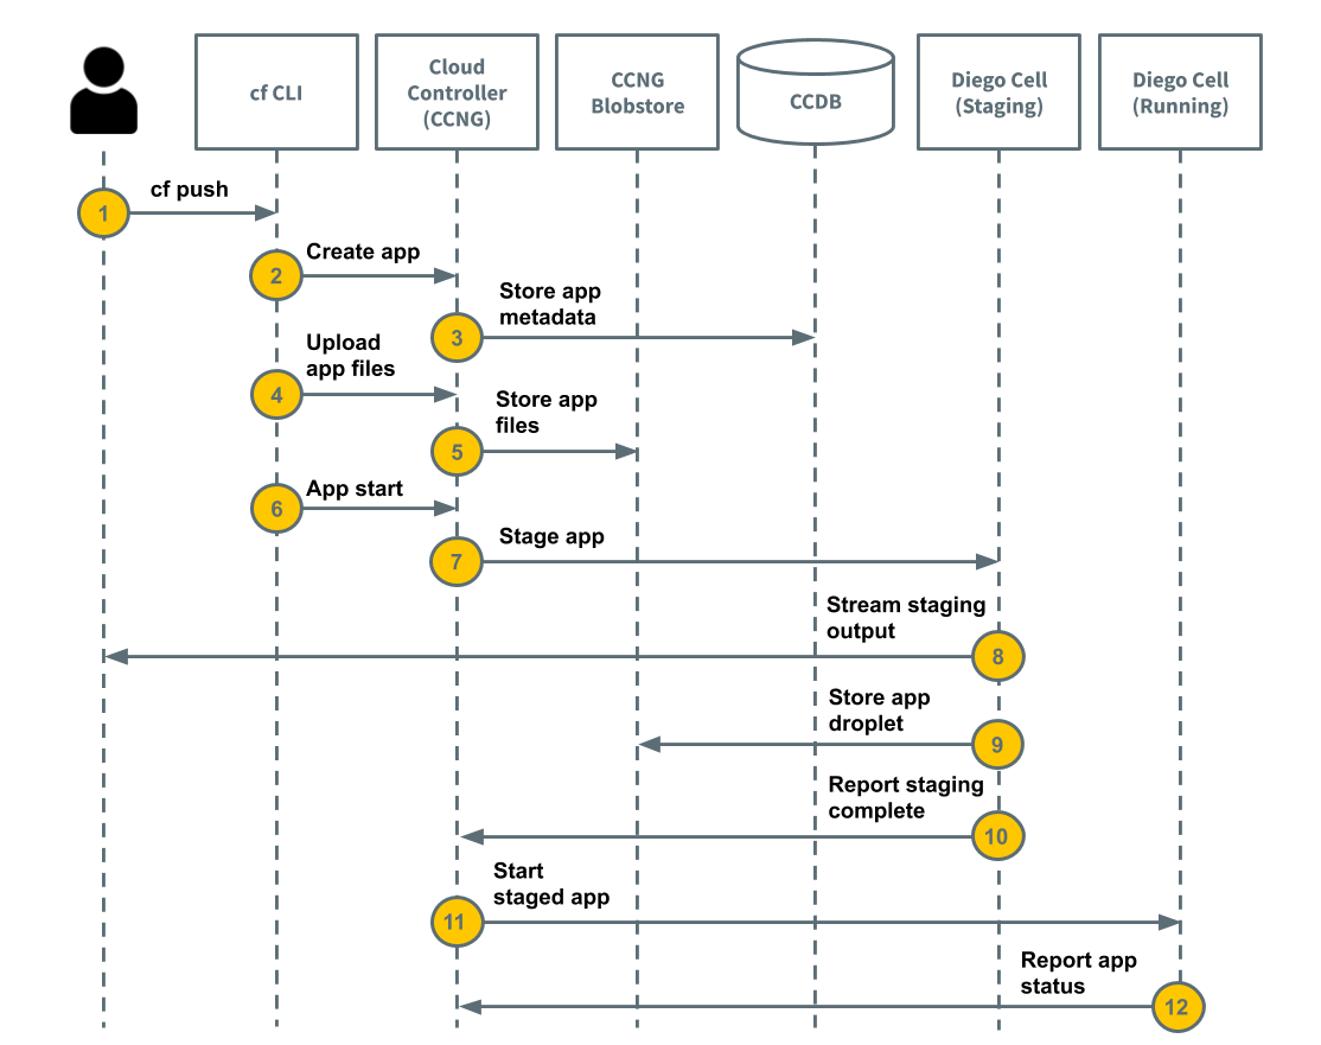 Cloud Foundry 的最核心命令 cf push 的业务流程图